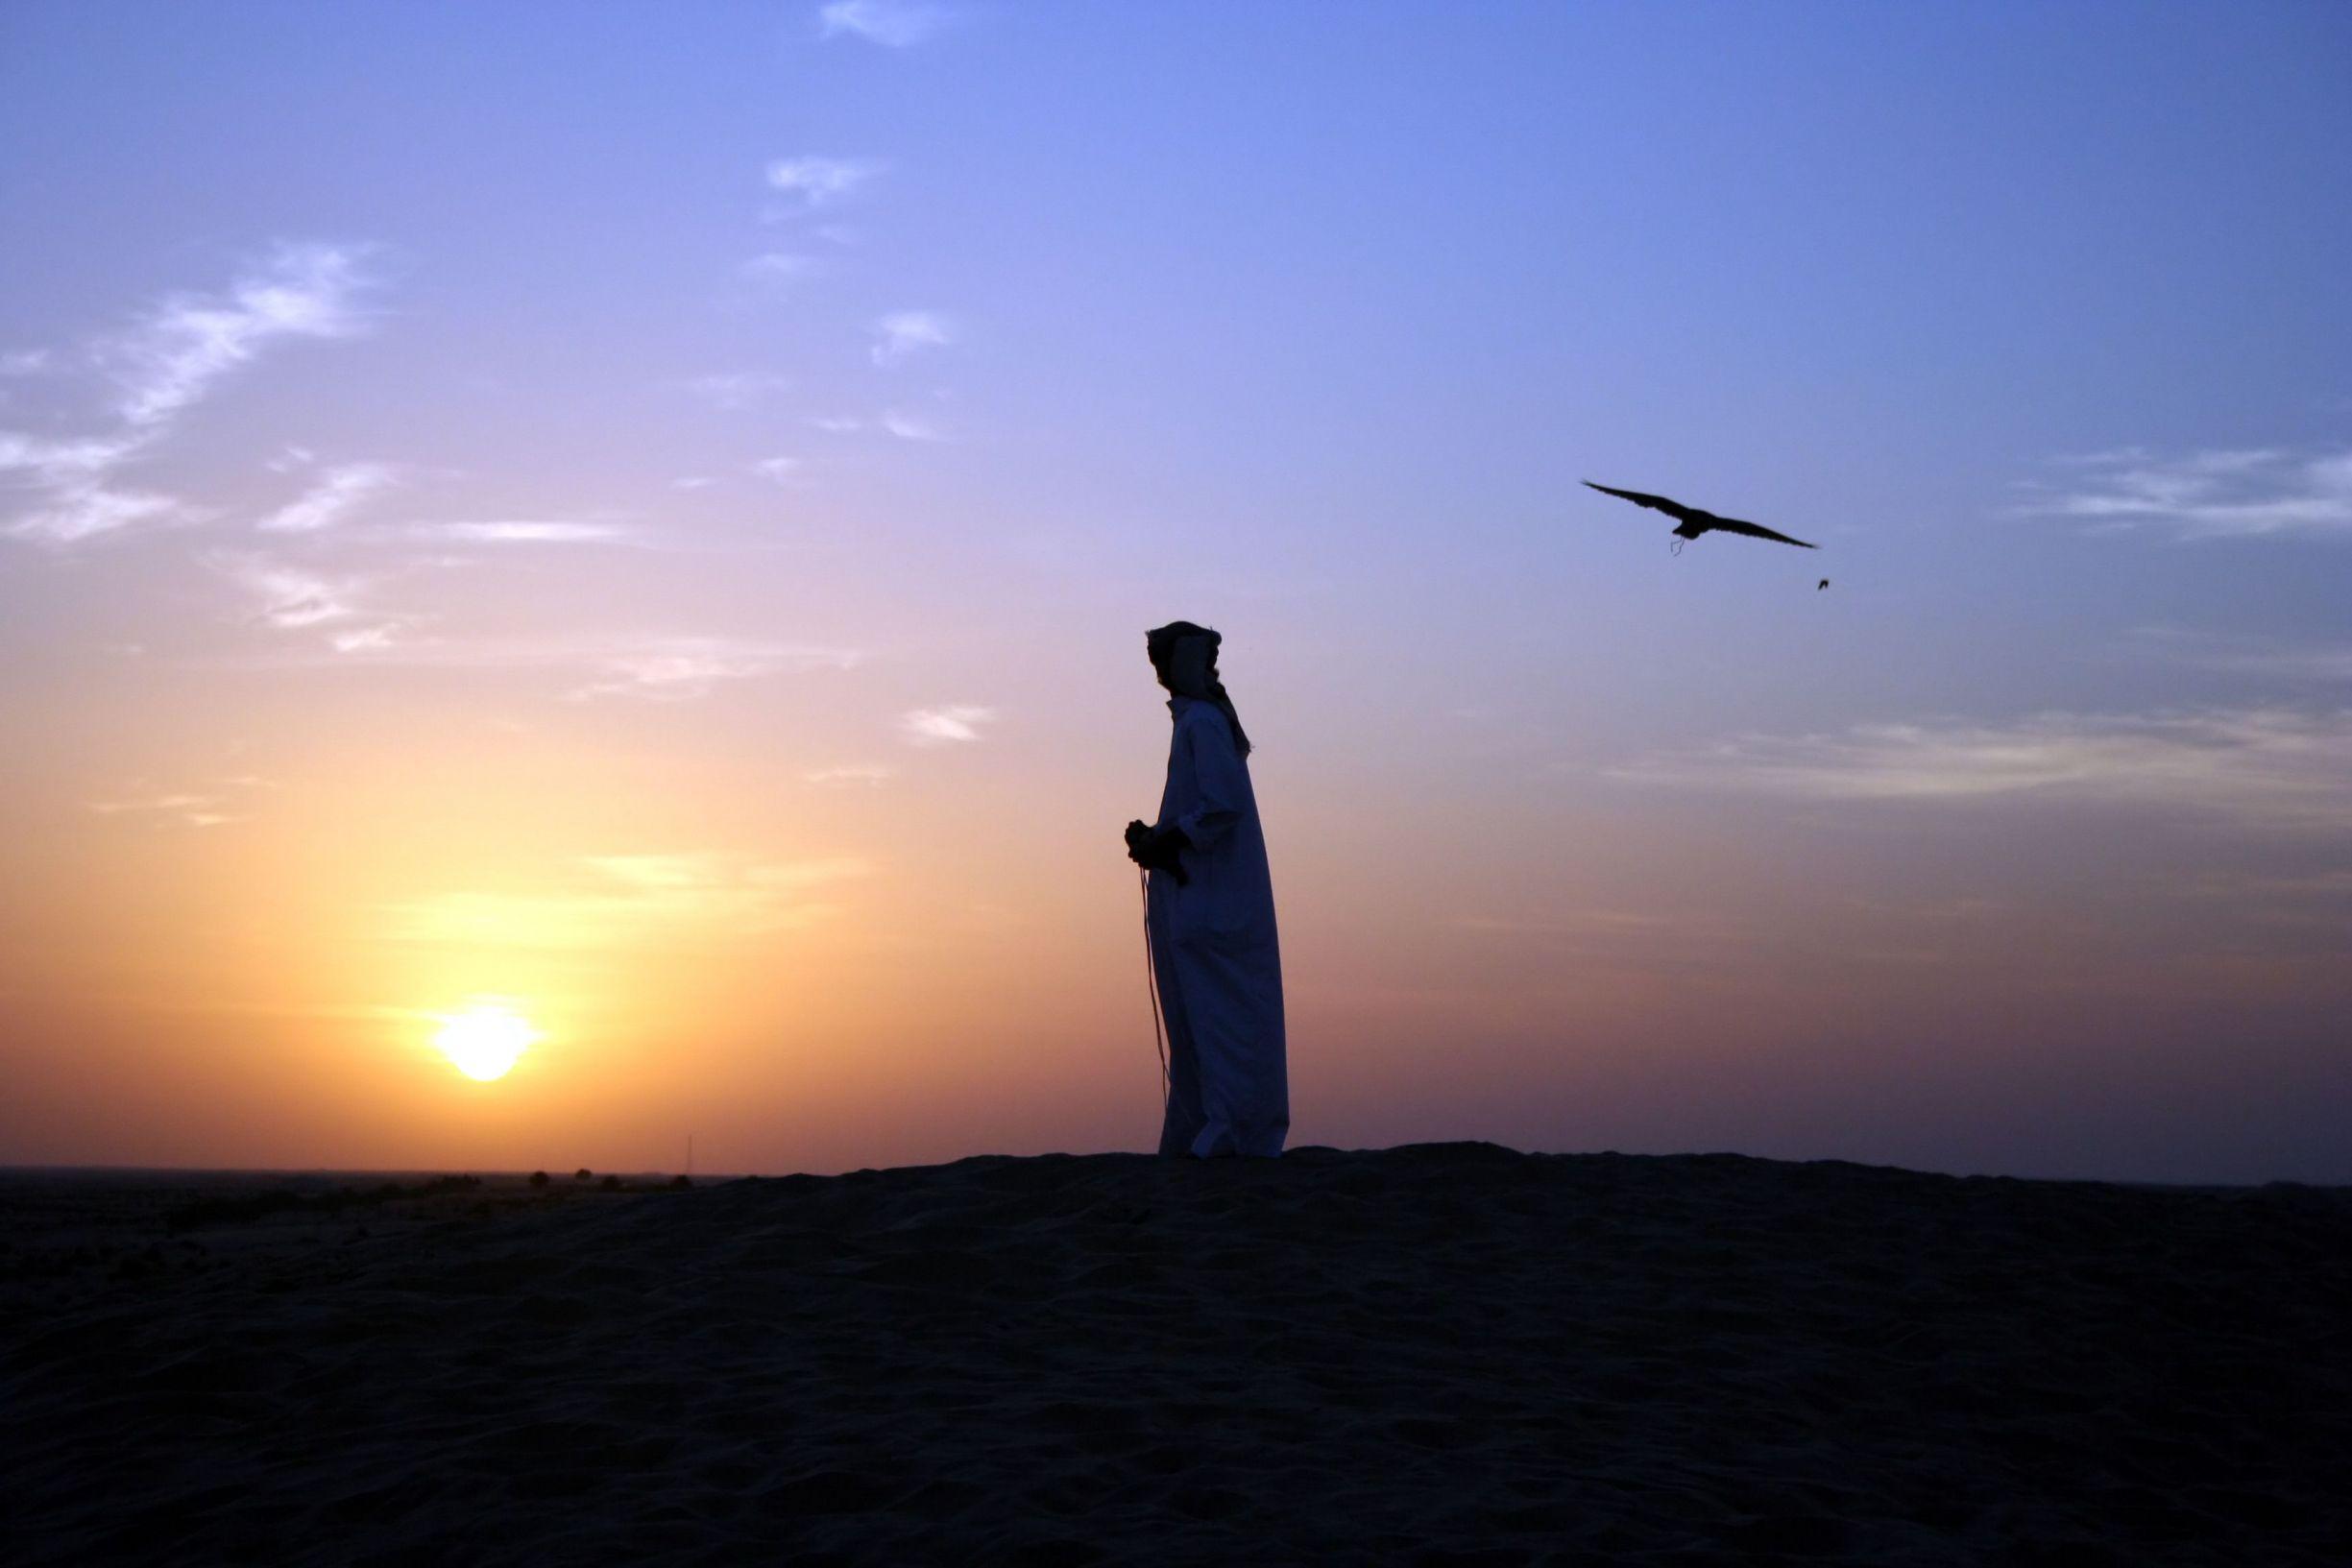 Falconer at sunset